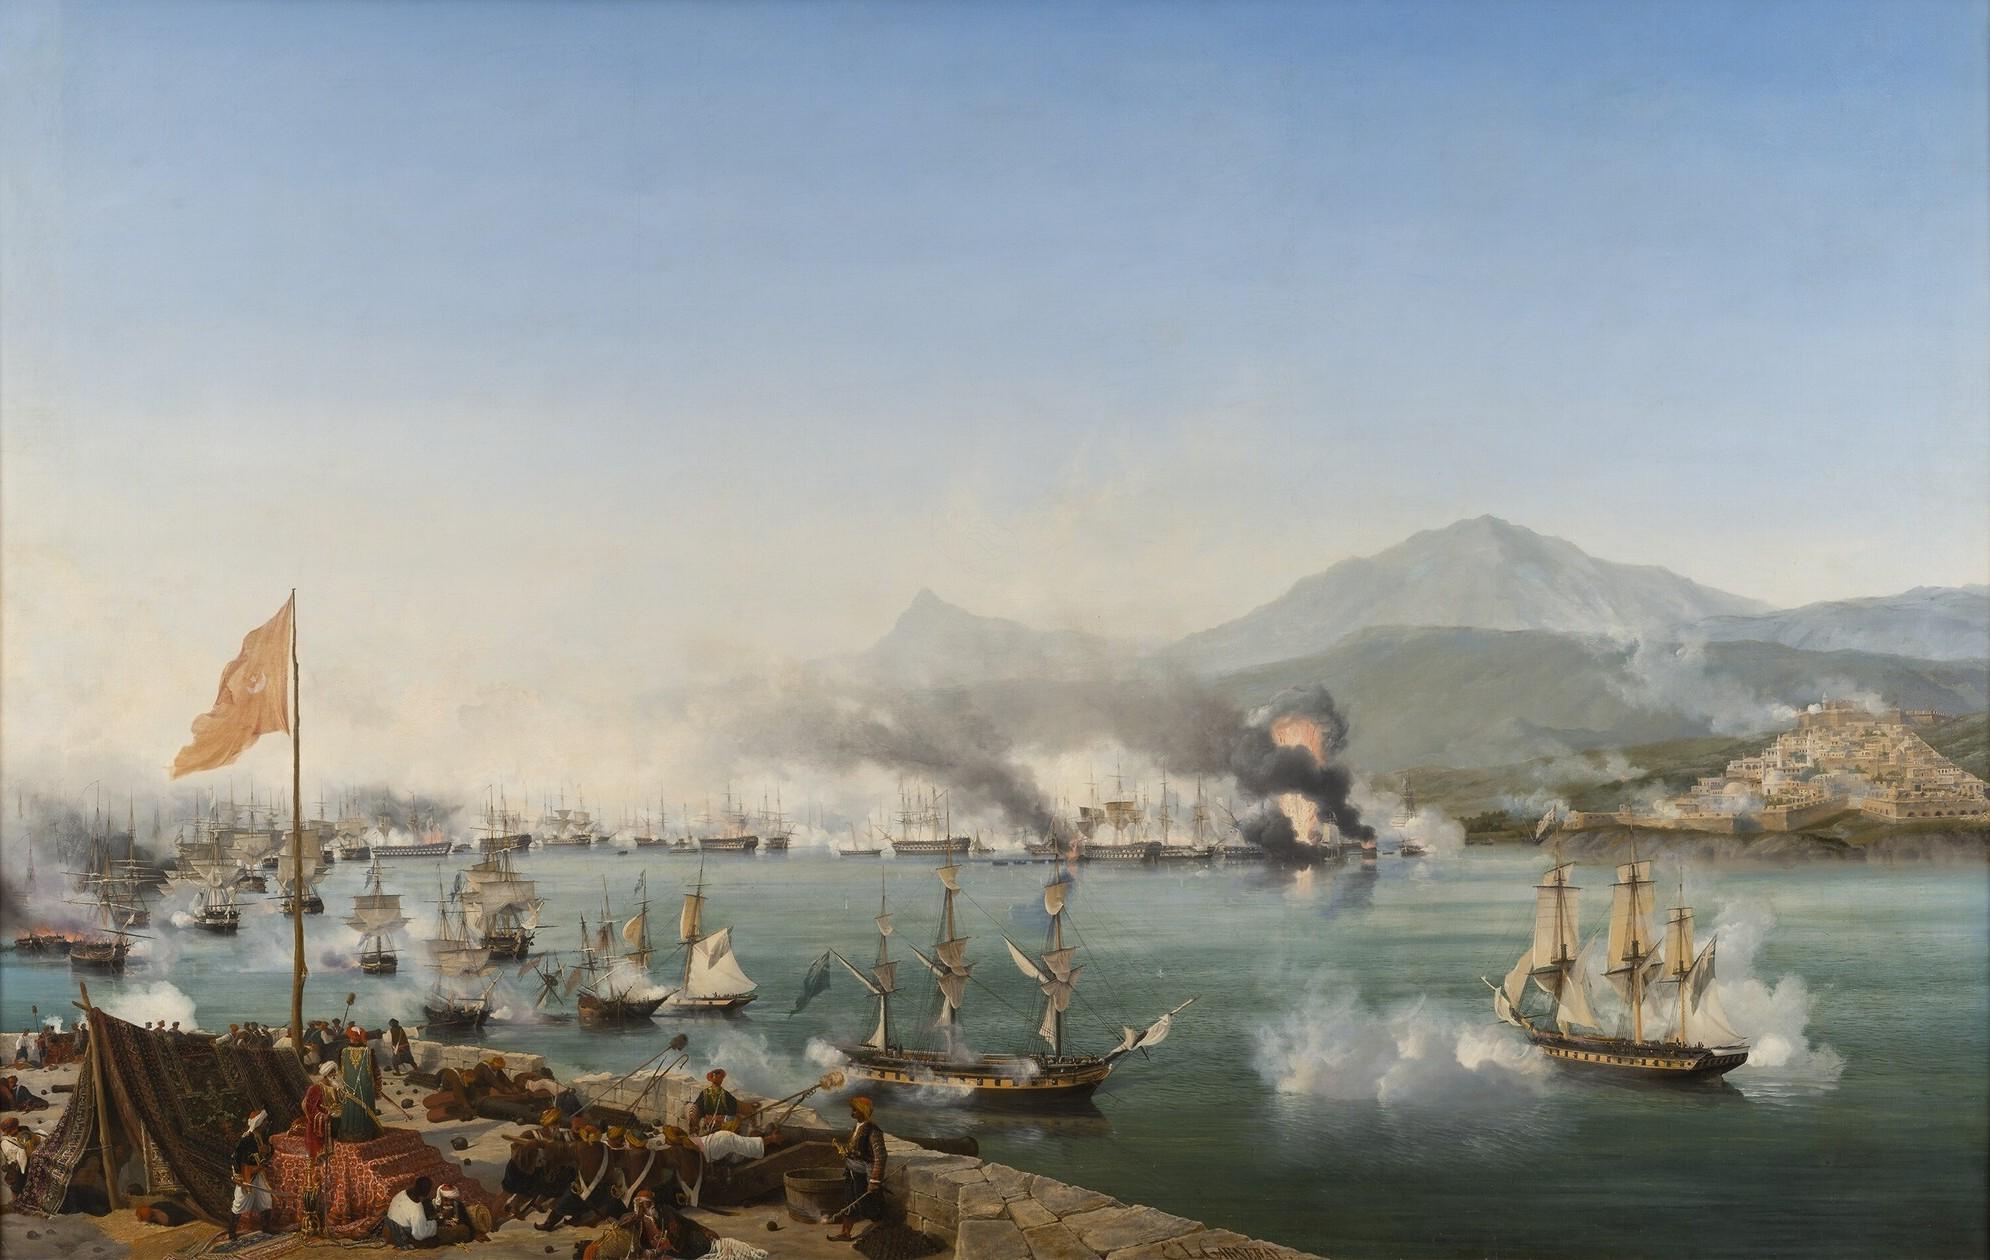 La Batalla de Navarino, en octubre de 1827, marcó el fin efectivo de la ocupación Otomana en Grecia.